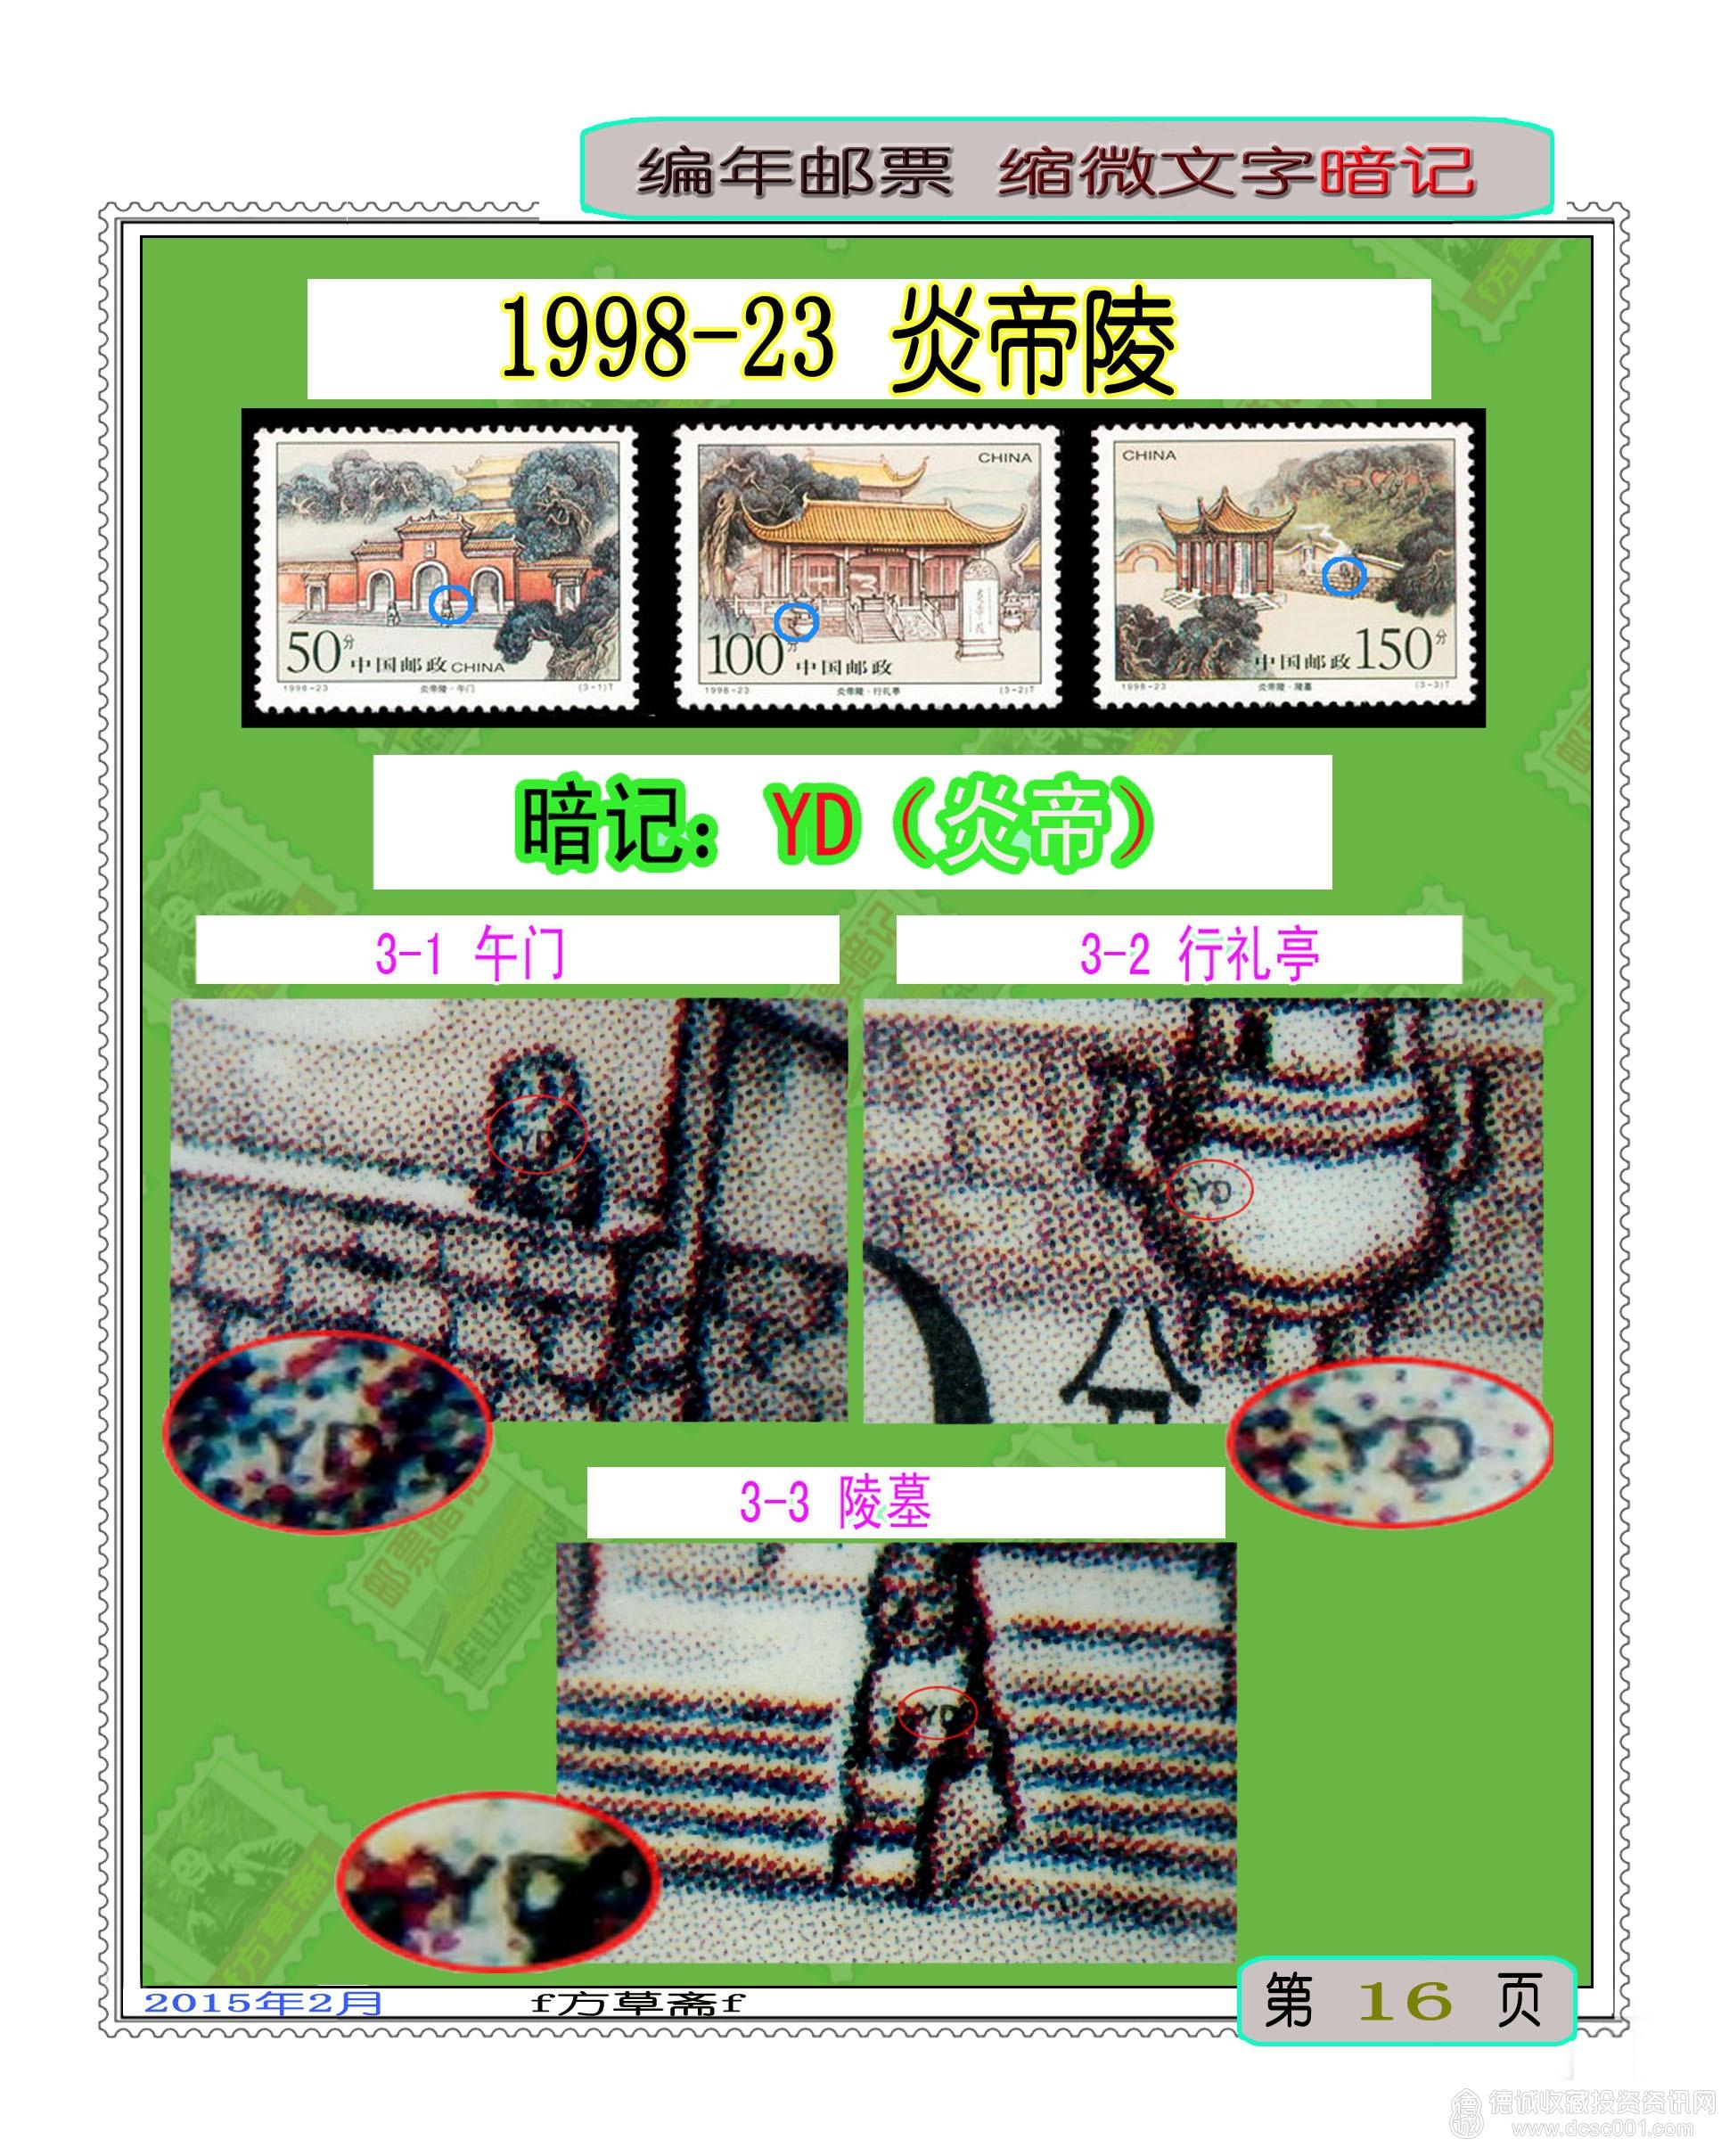 1998-23 炎帝陵(T).jpg